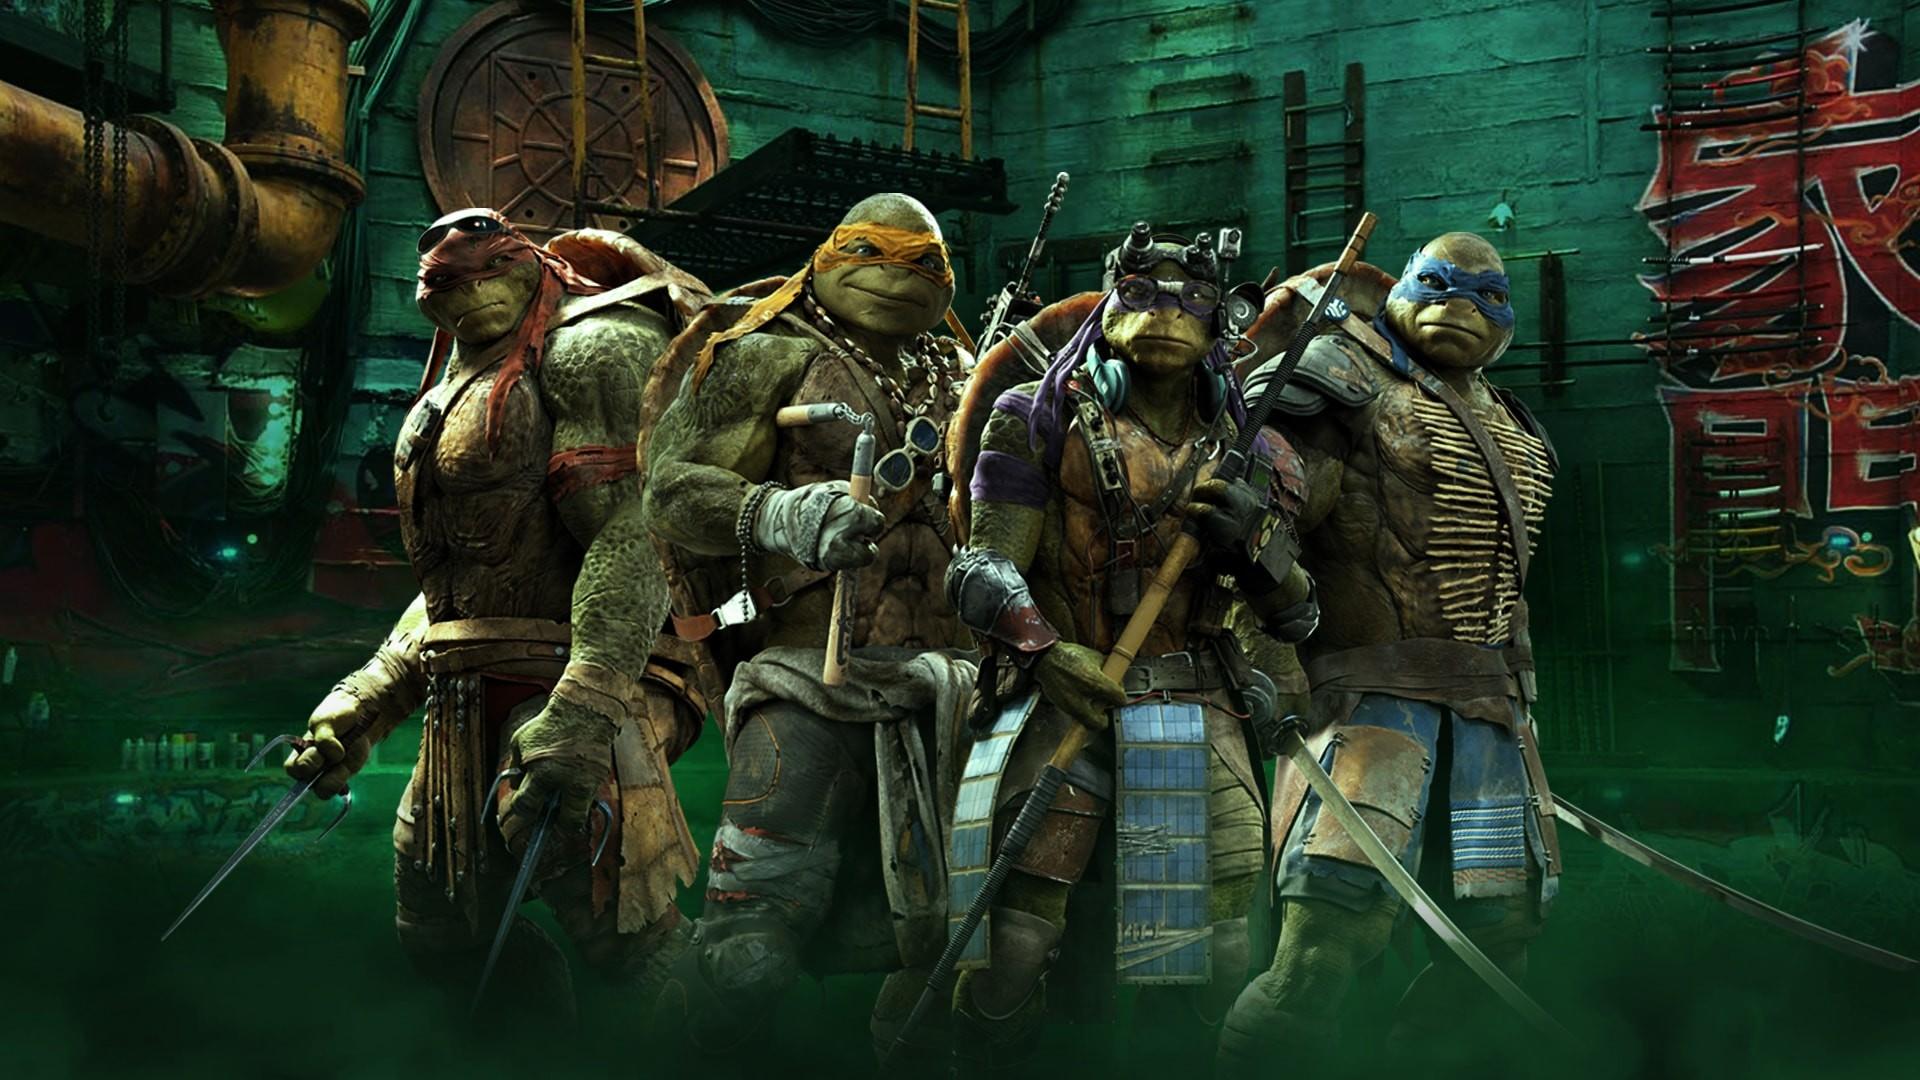 Res: 1920x1080, Teenage Mutant Ninja Turtles Background